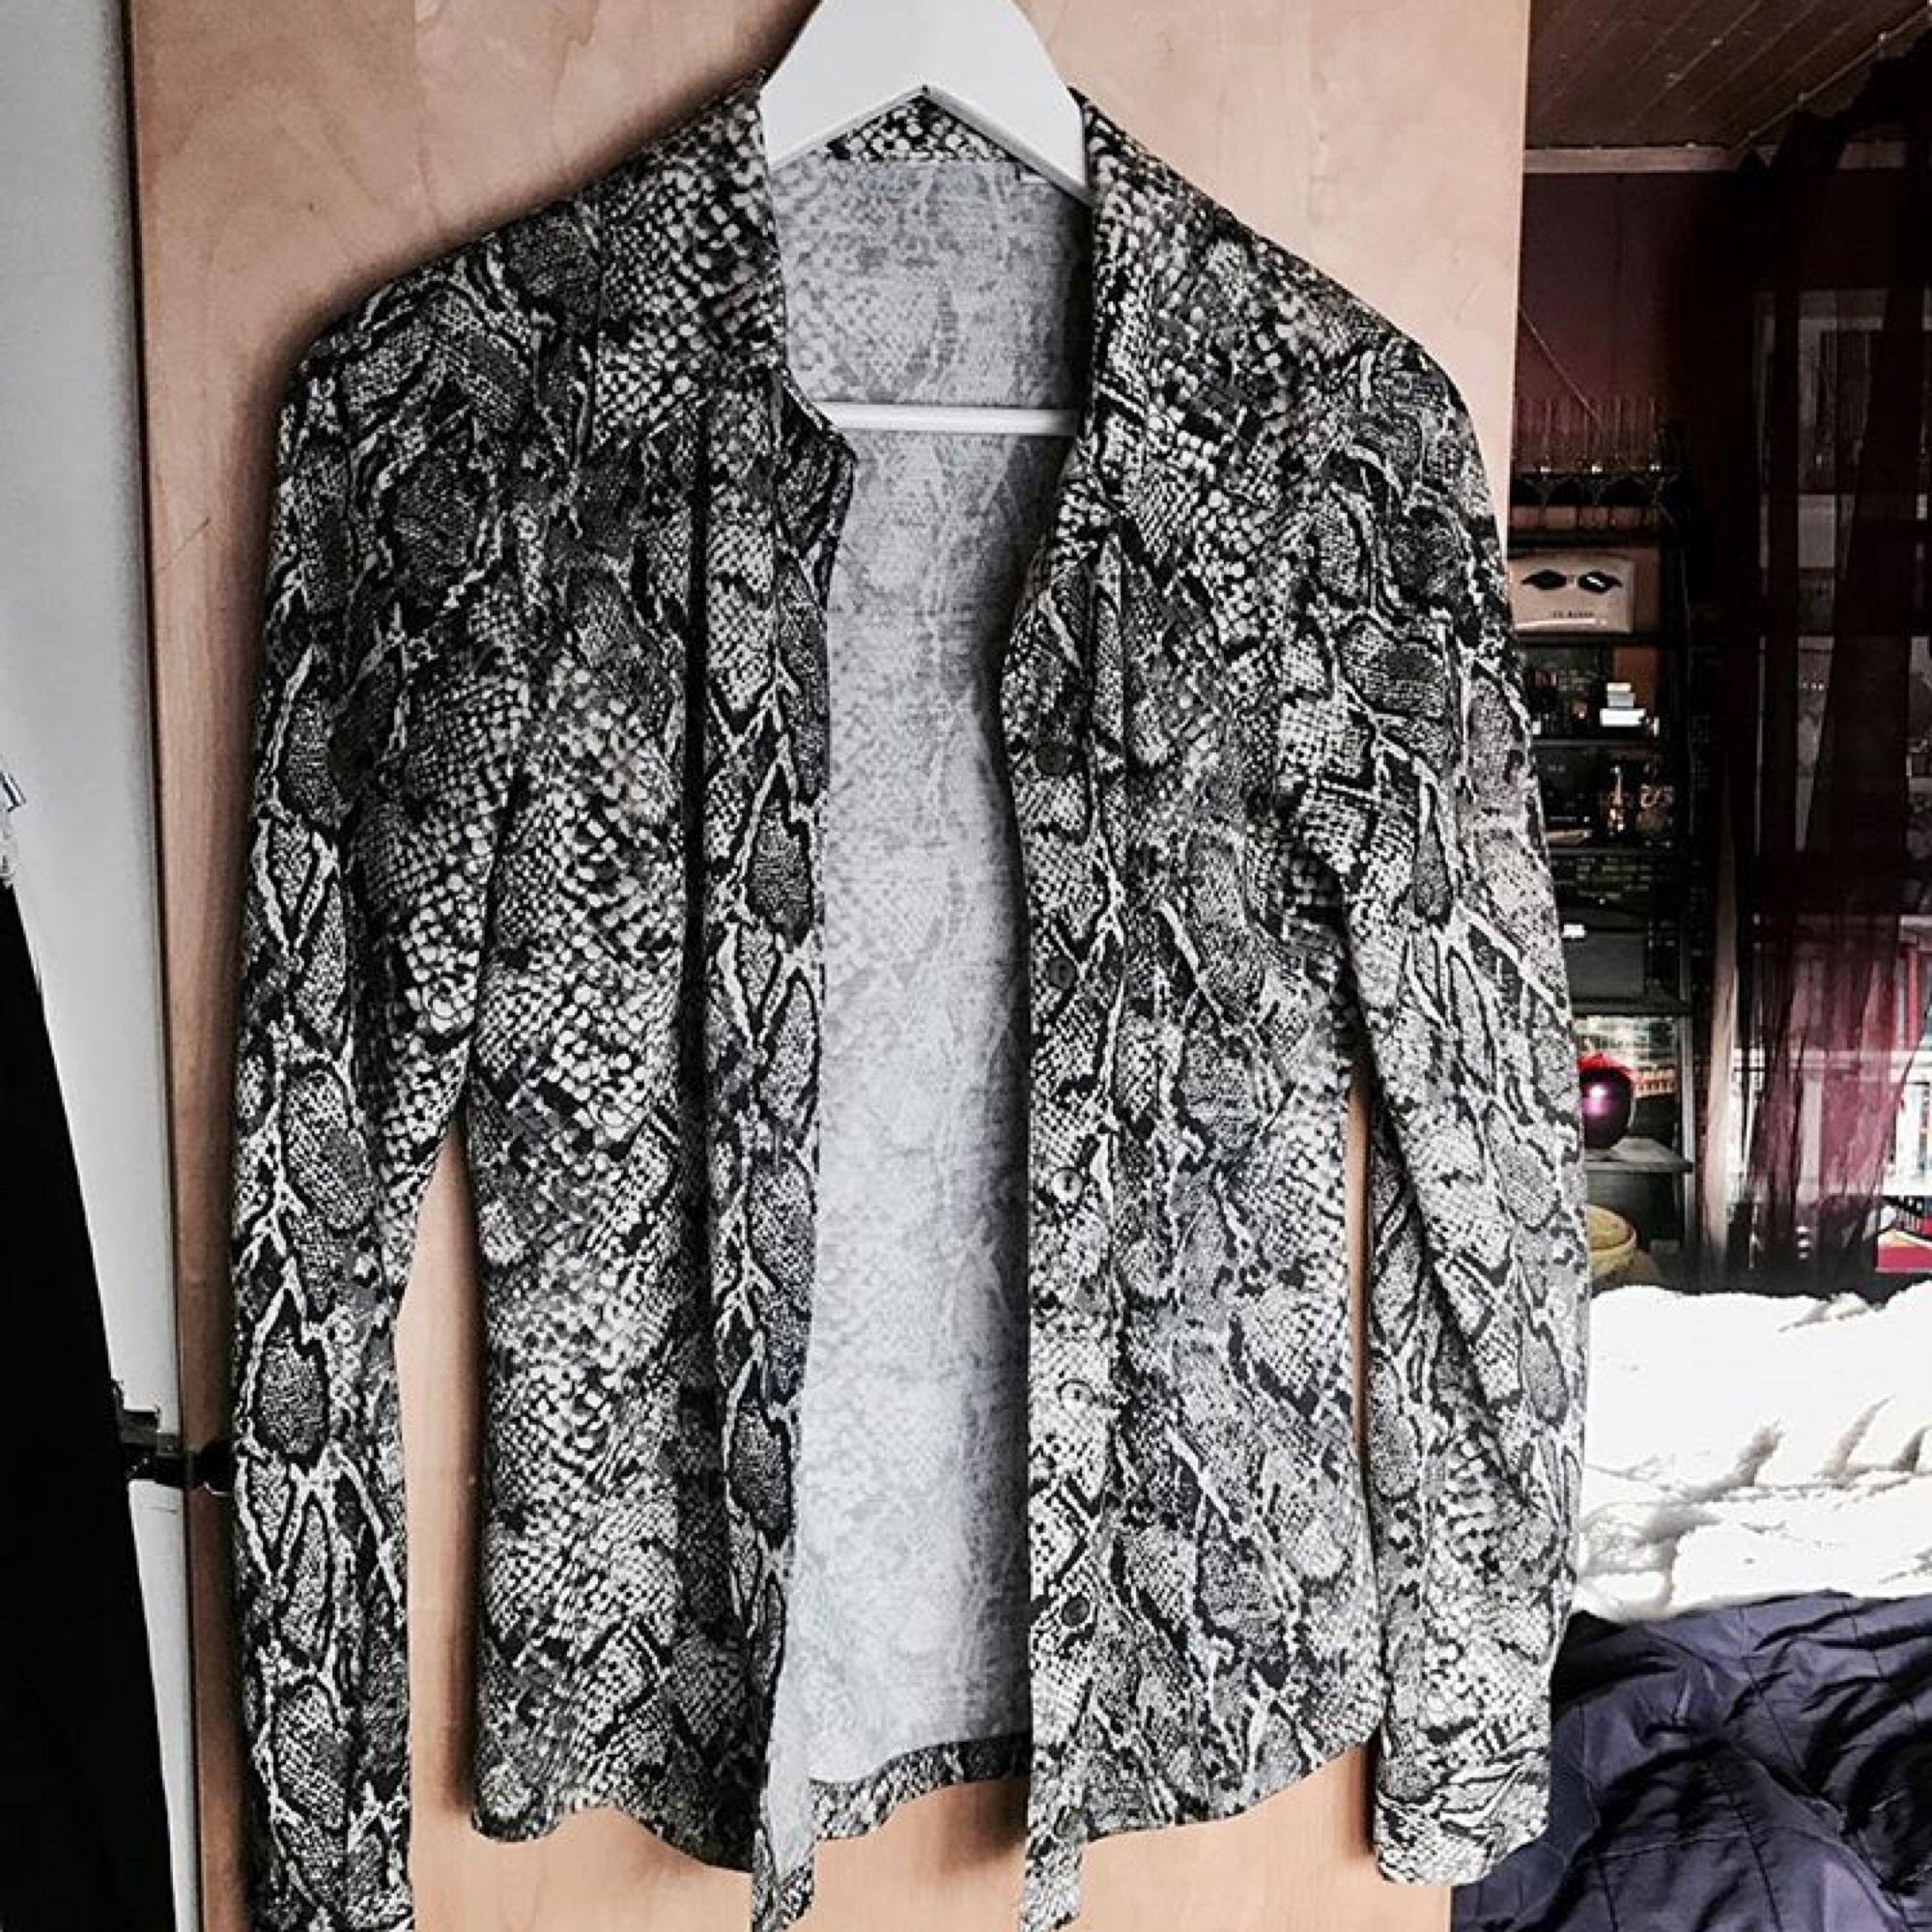 Mjuk bomulls skjorta i snake print. Går att använda både stängd och öppen. 💕 Köpt vintage, men i väldigt bra skick! 🎀. Skjortor.